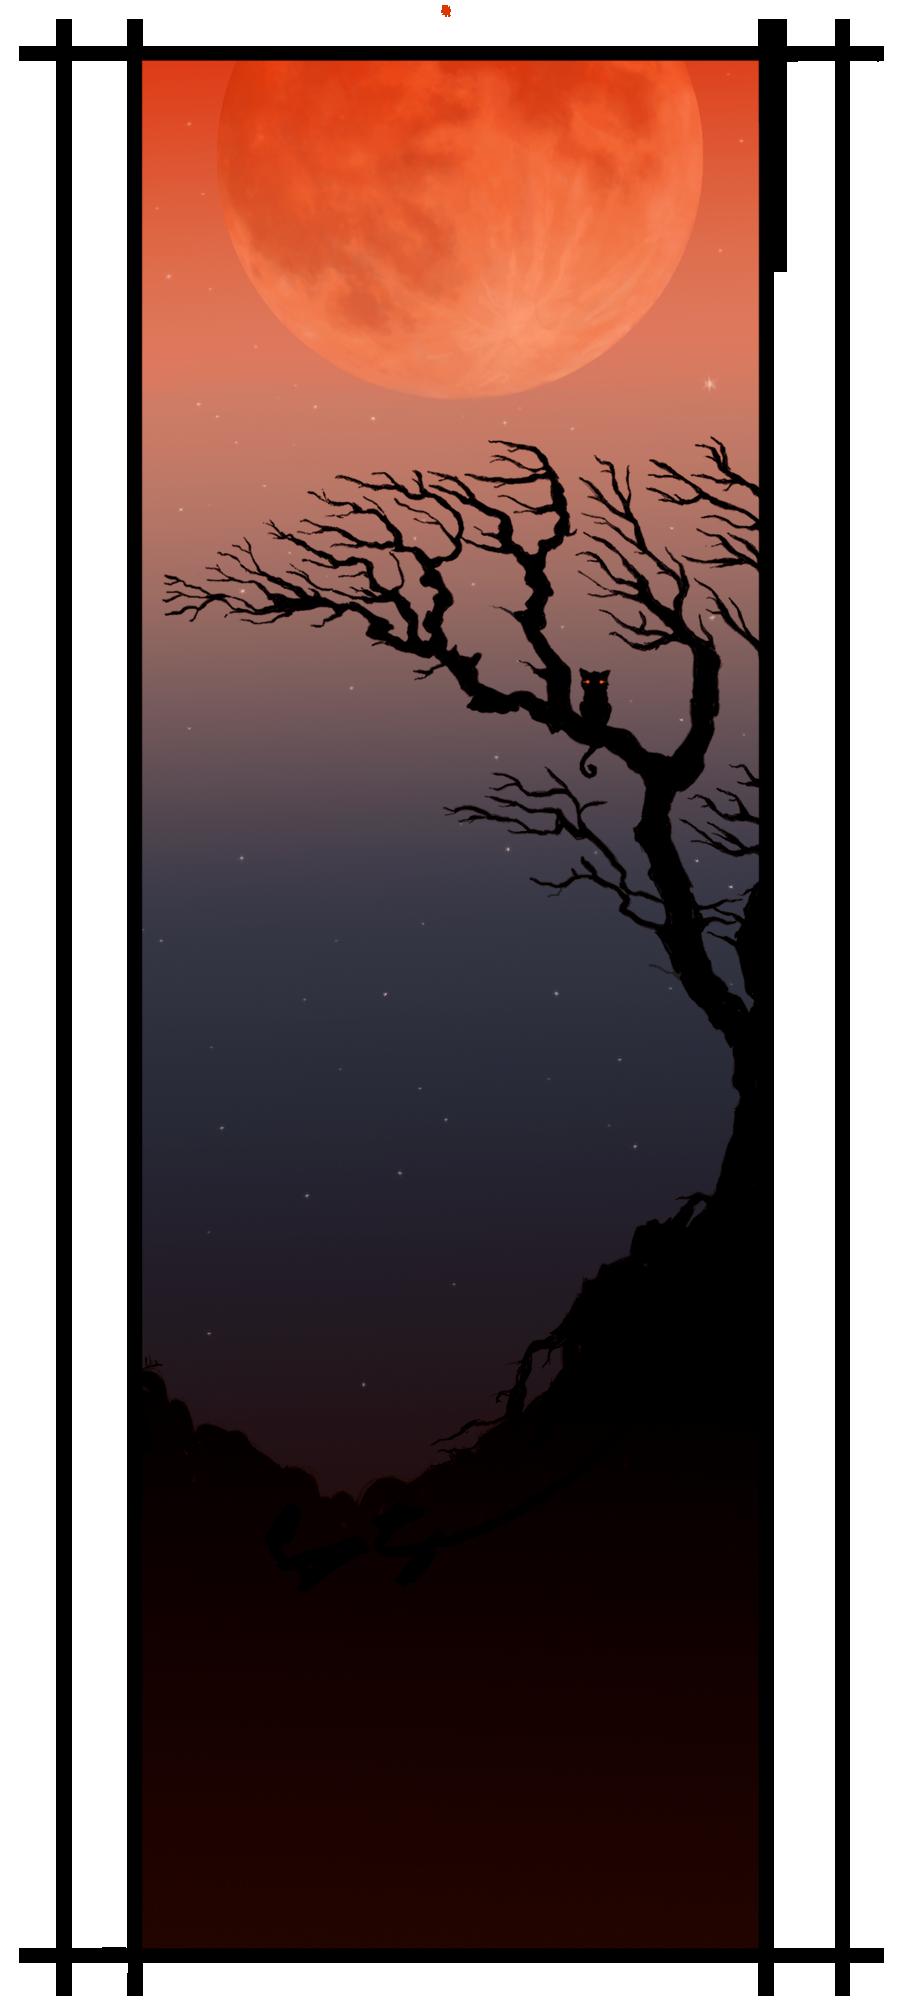 A Glowing Night by Cerasyl